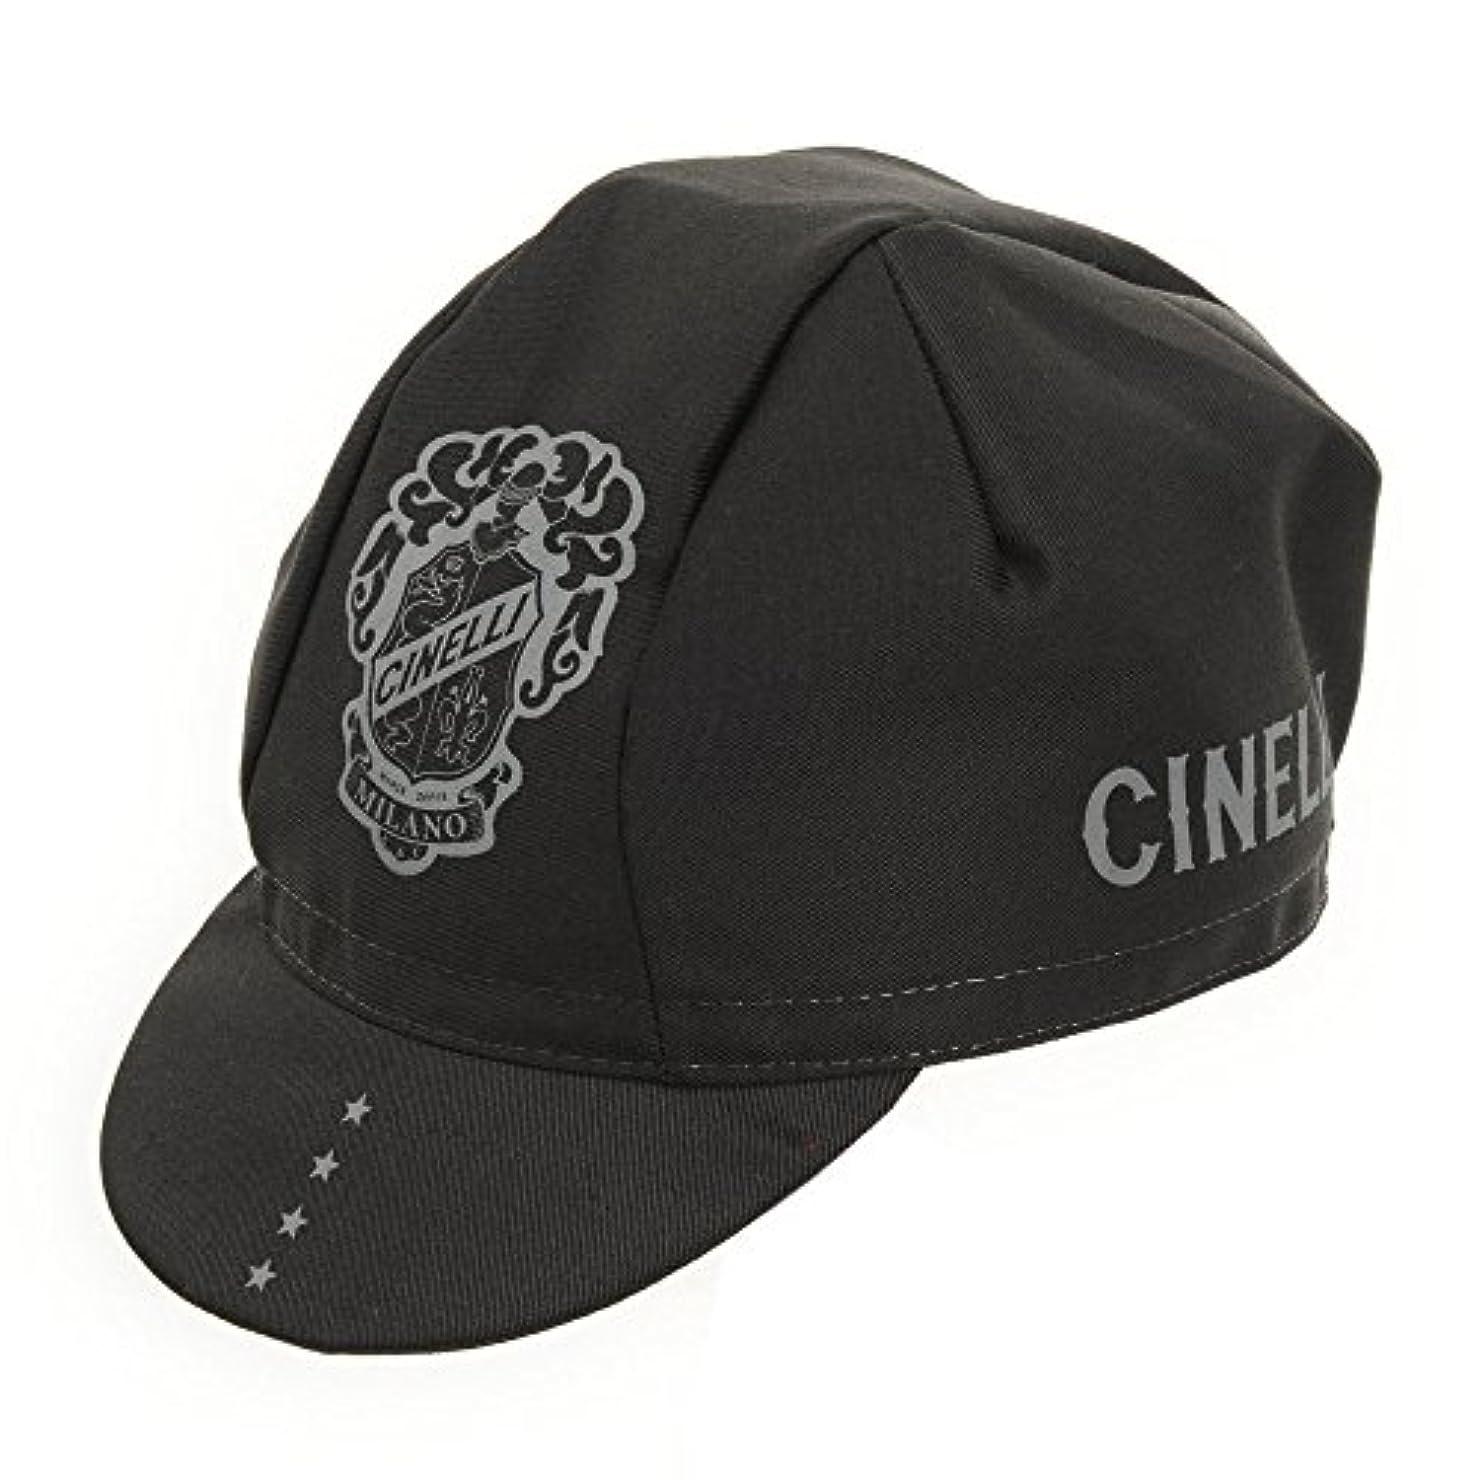 ばかげた待つハードウェアCinelli(チネリ)CREST CAP